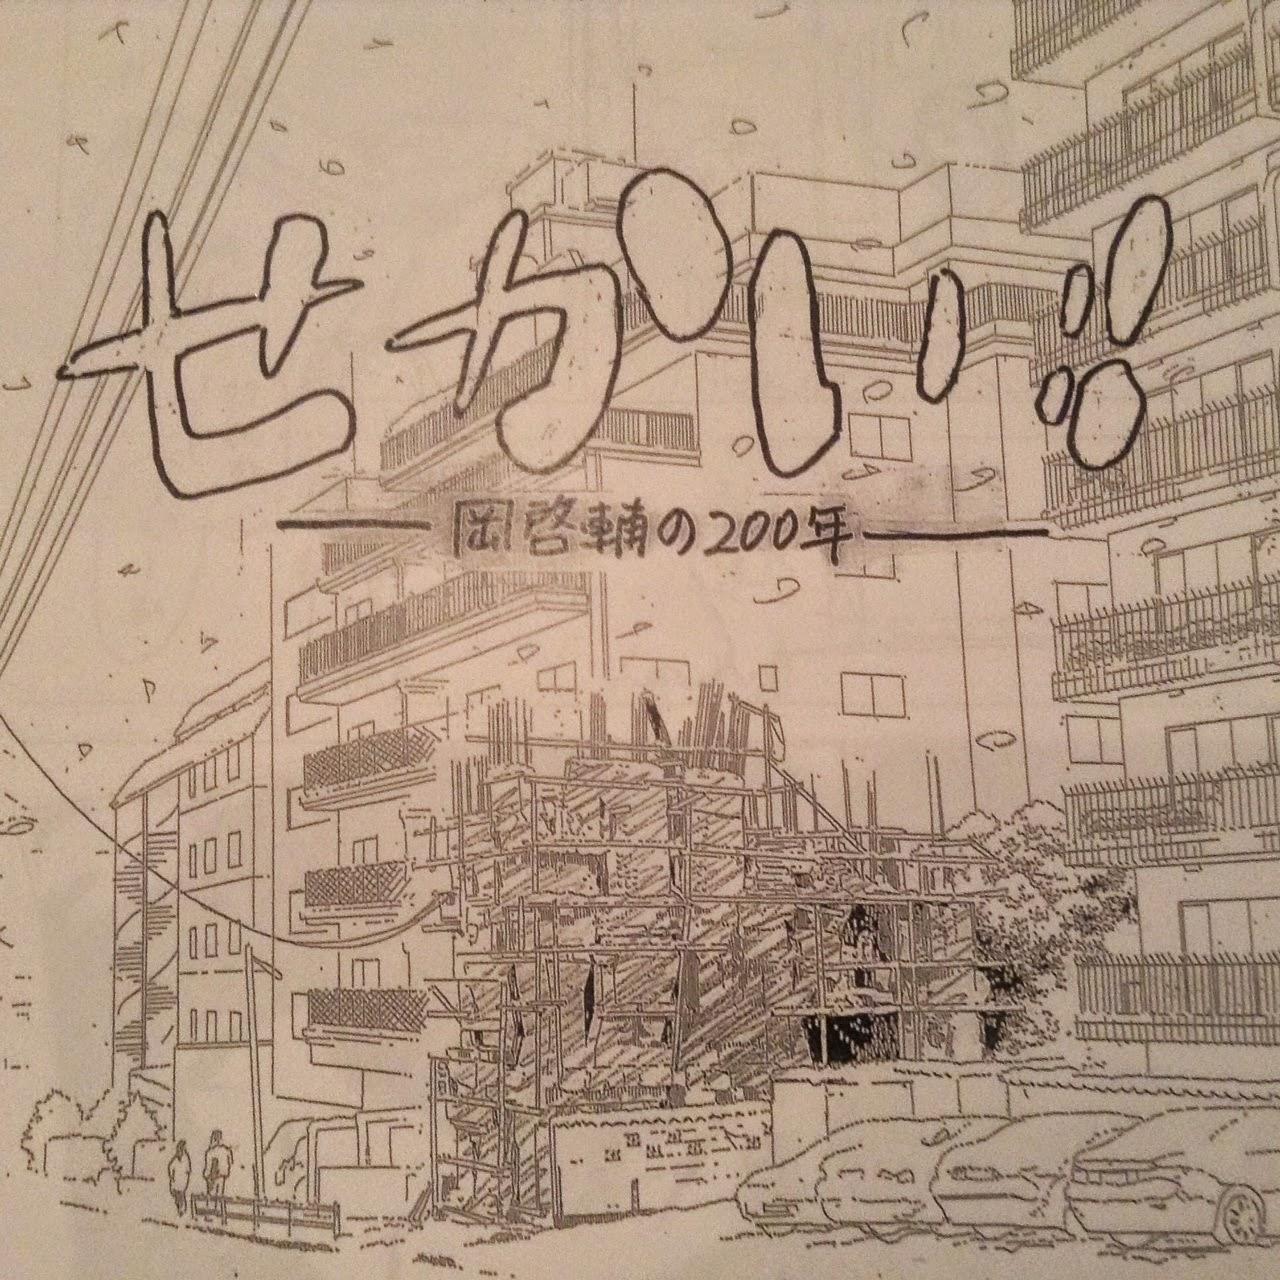 蟻鱒鳶ル保存会: 新井英樹!!!...